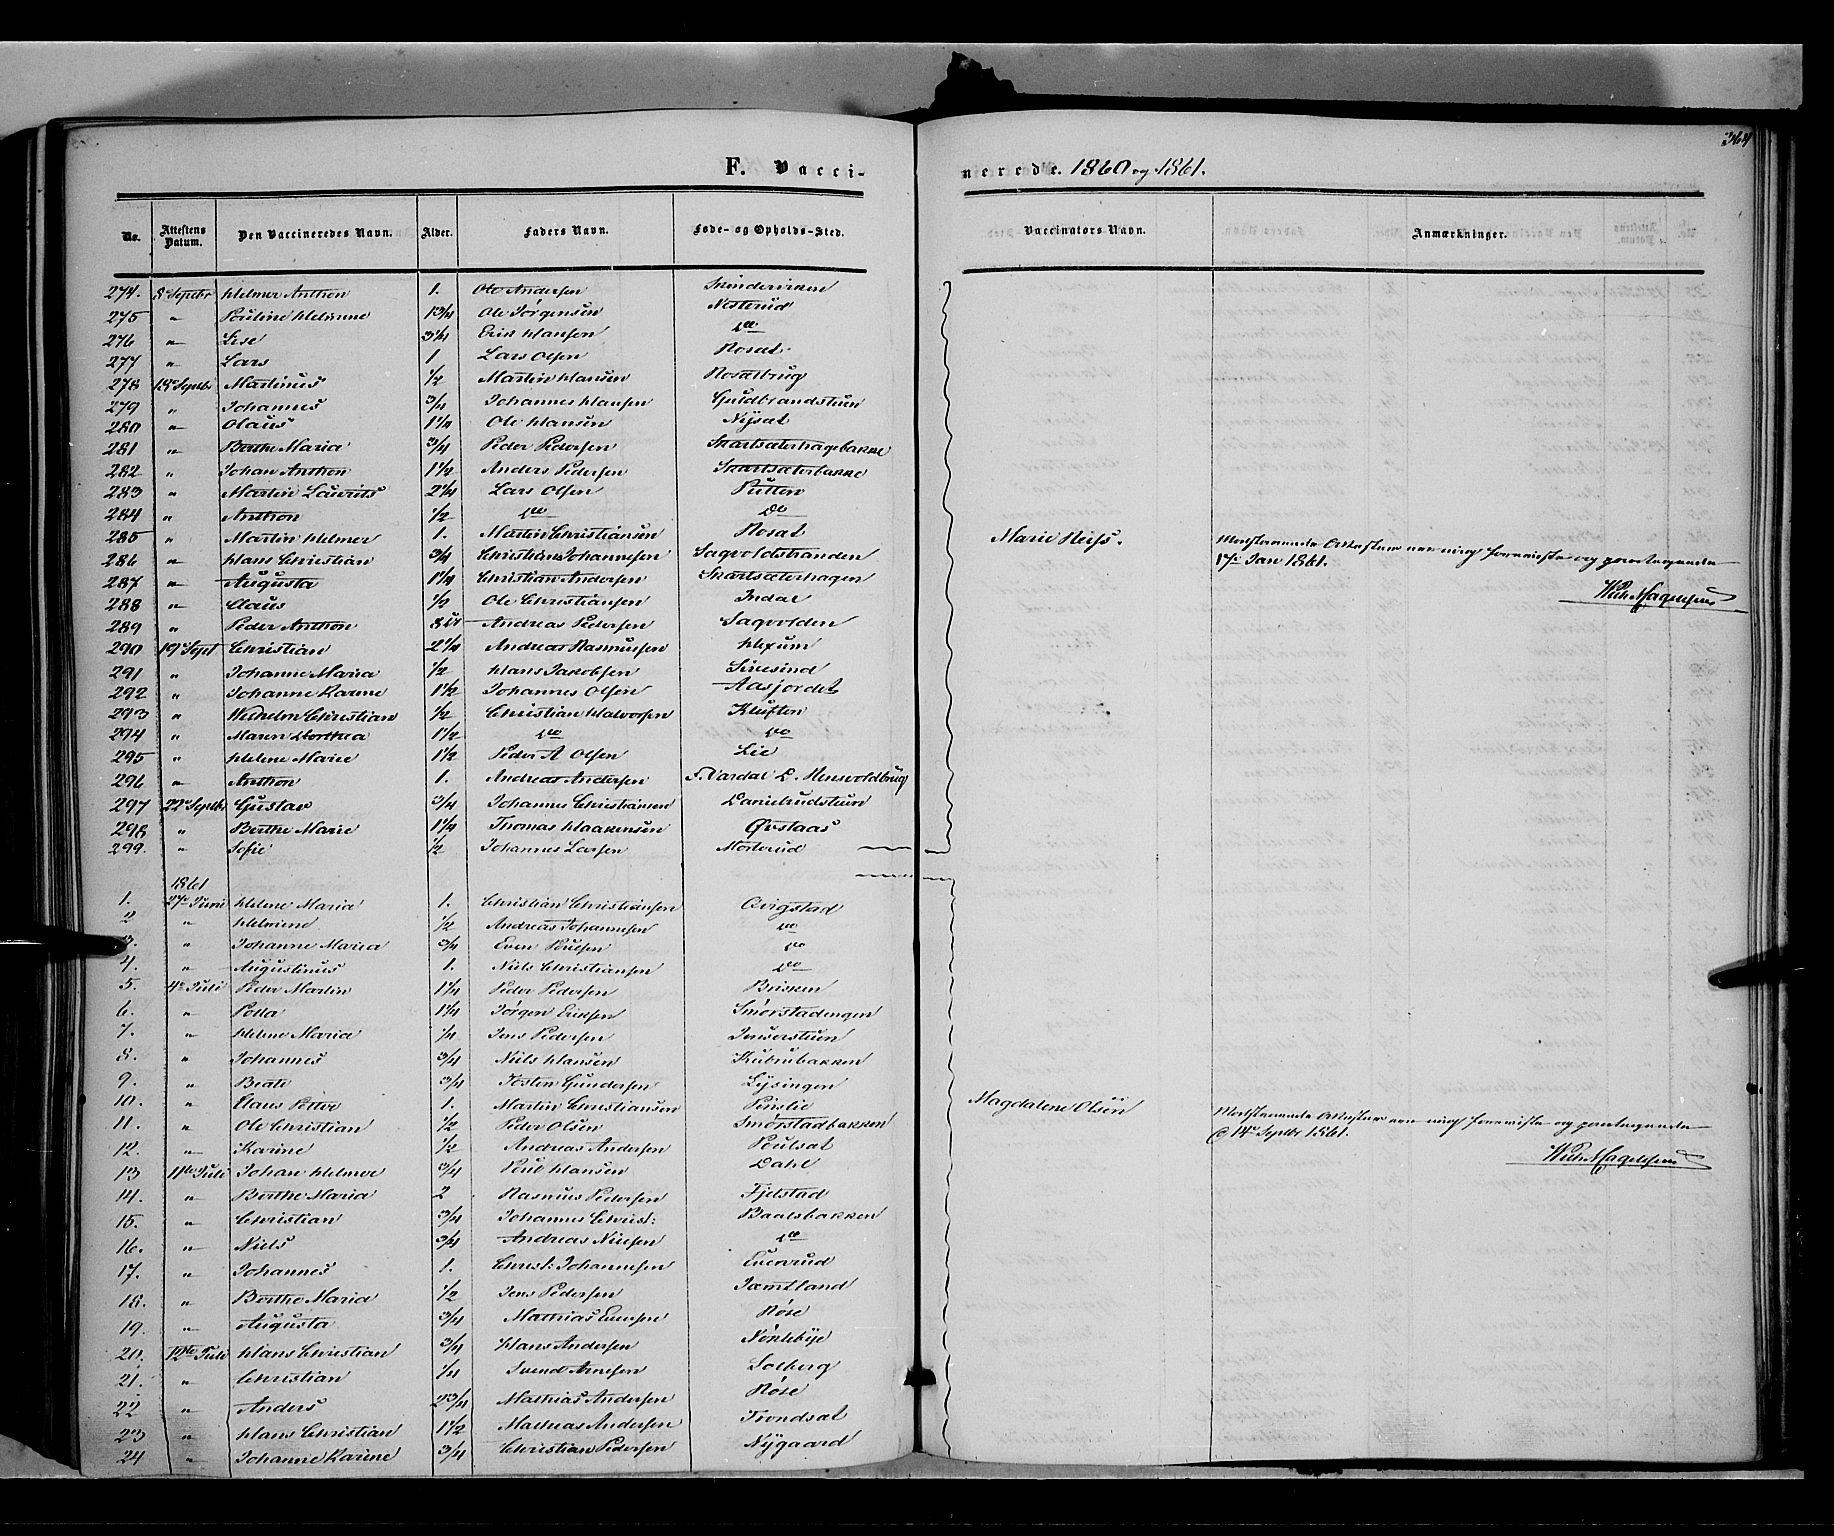 SAH, Vestre Toten prestekontor, Ministerialbok nr. 6, 1856-1861, s. 364